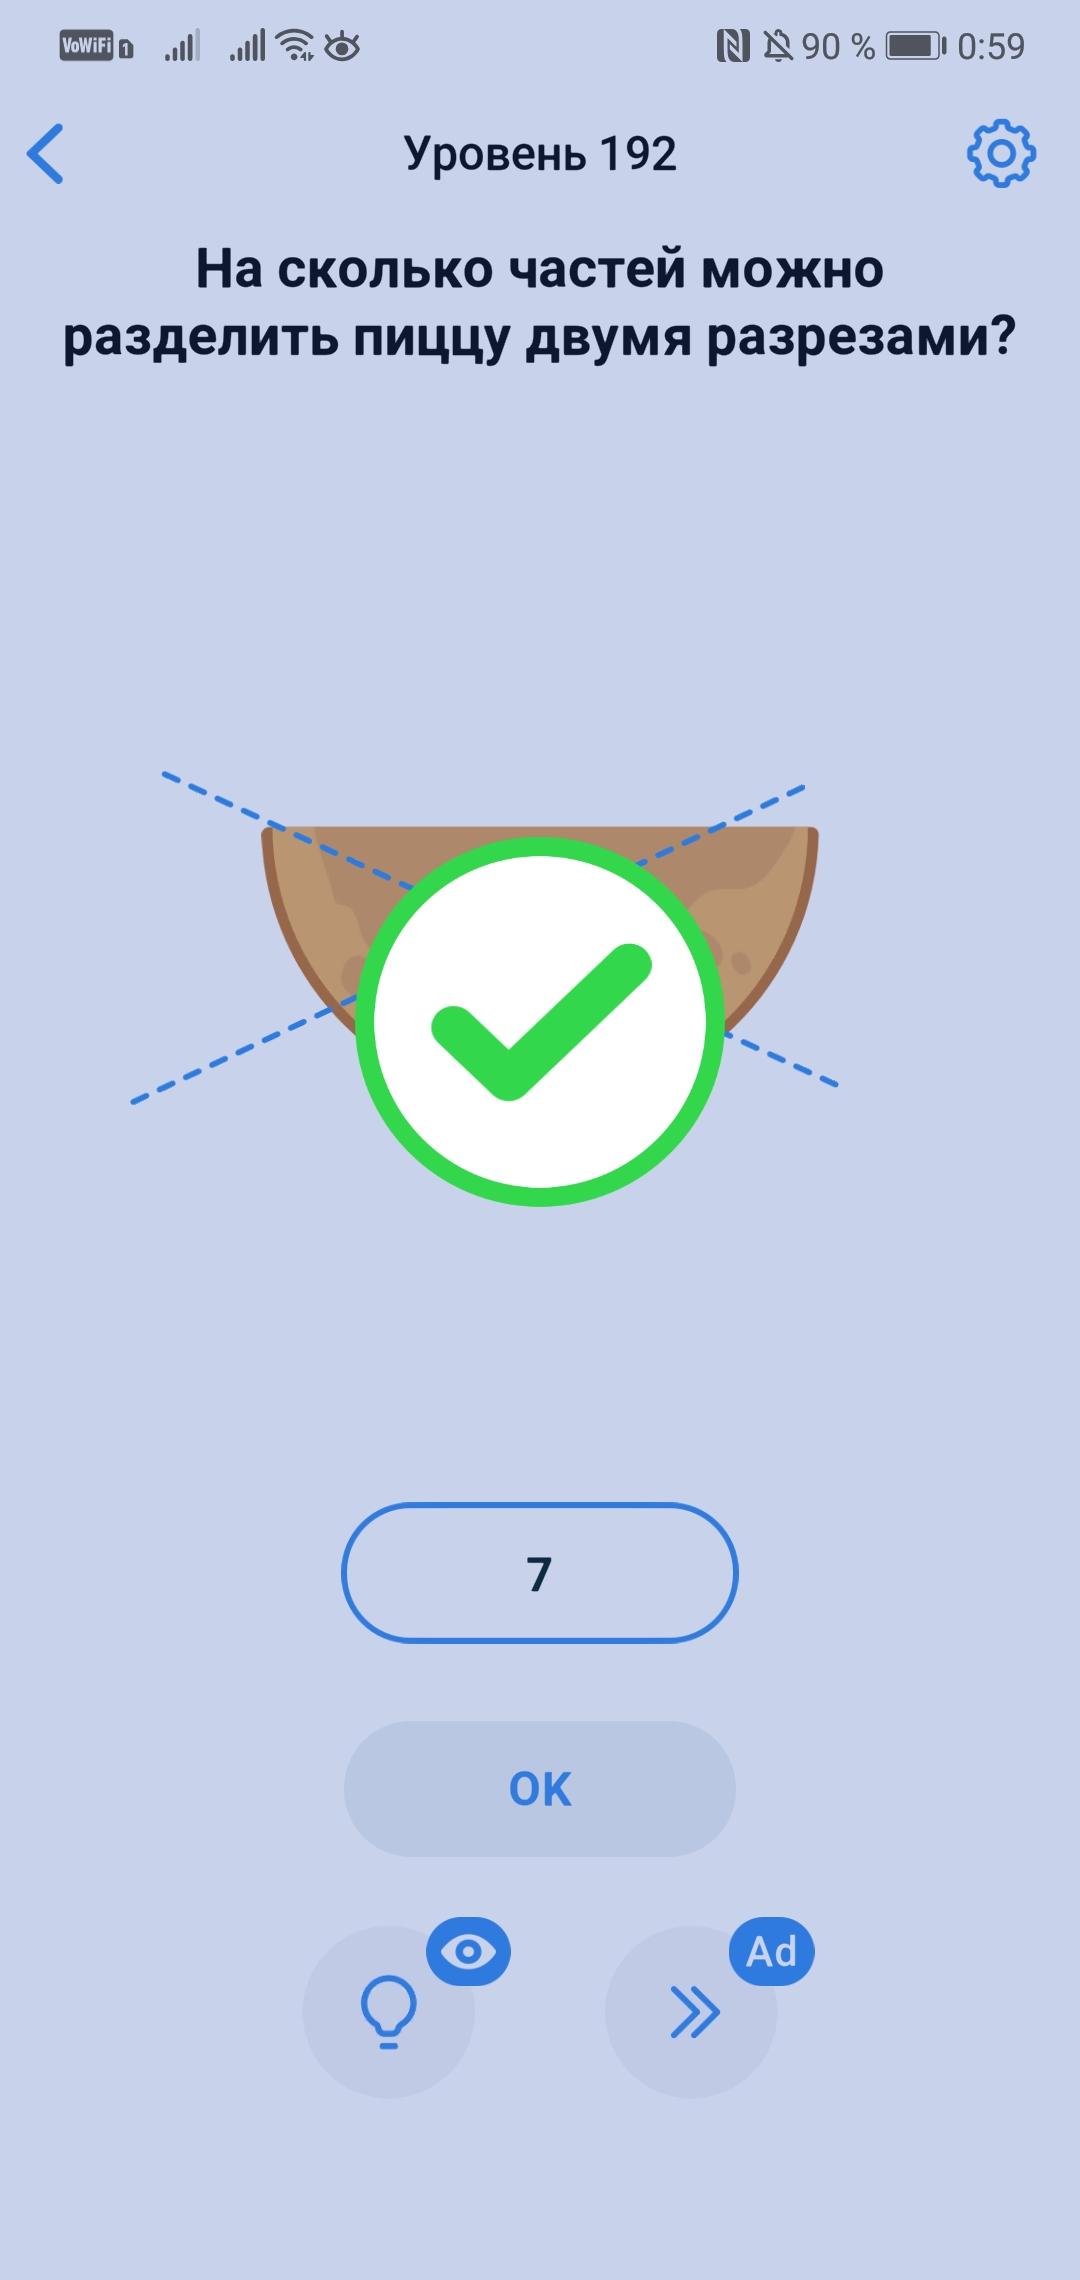 Easy Game - 192 уровень - На сколько частей можно разделить пиццу двумя разрезами?